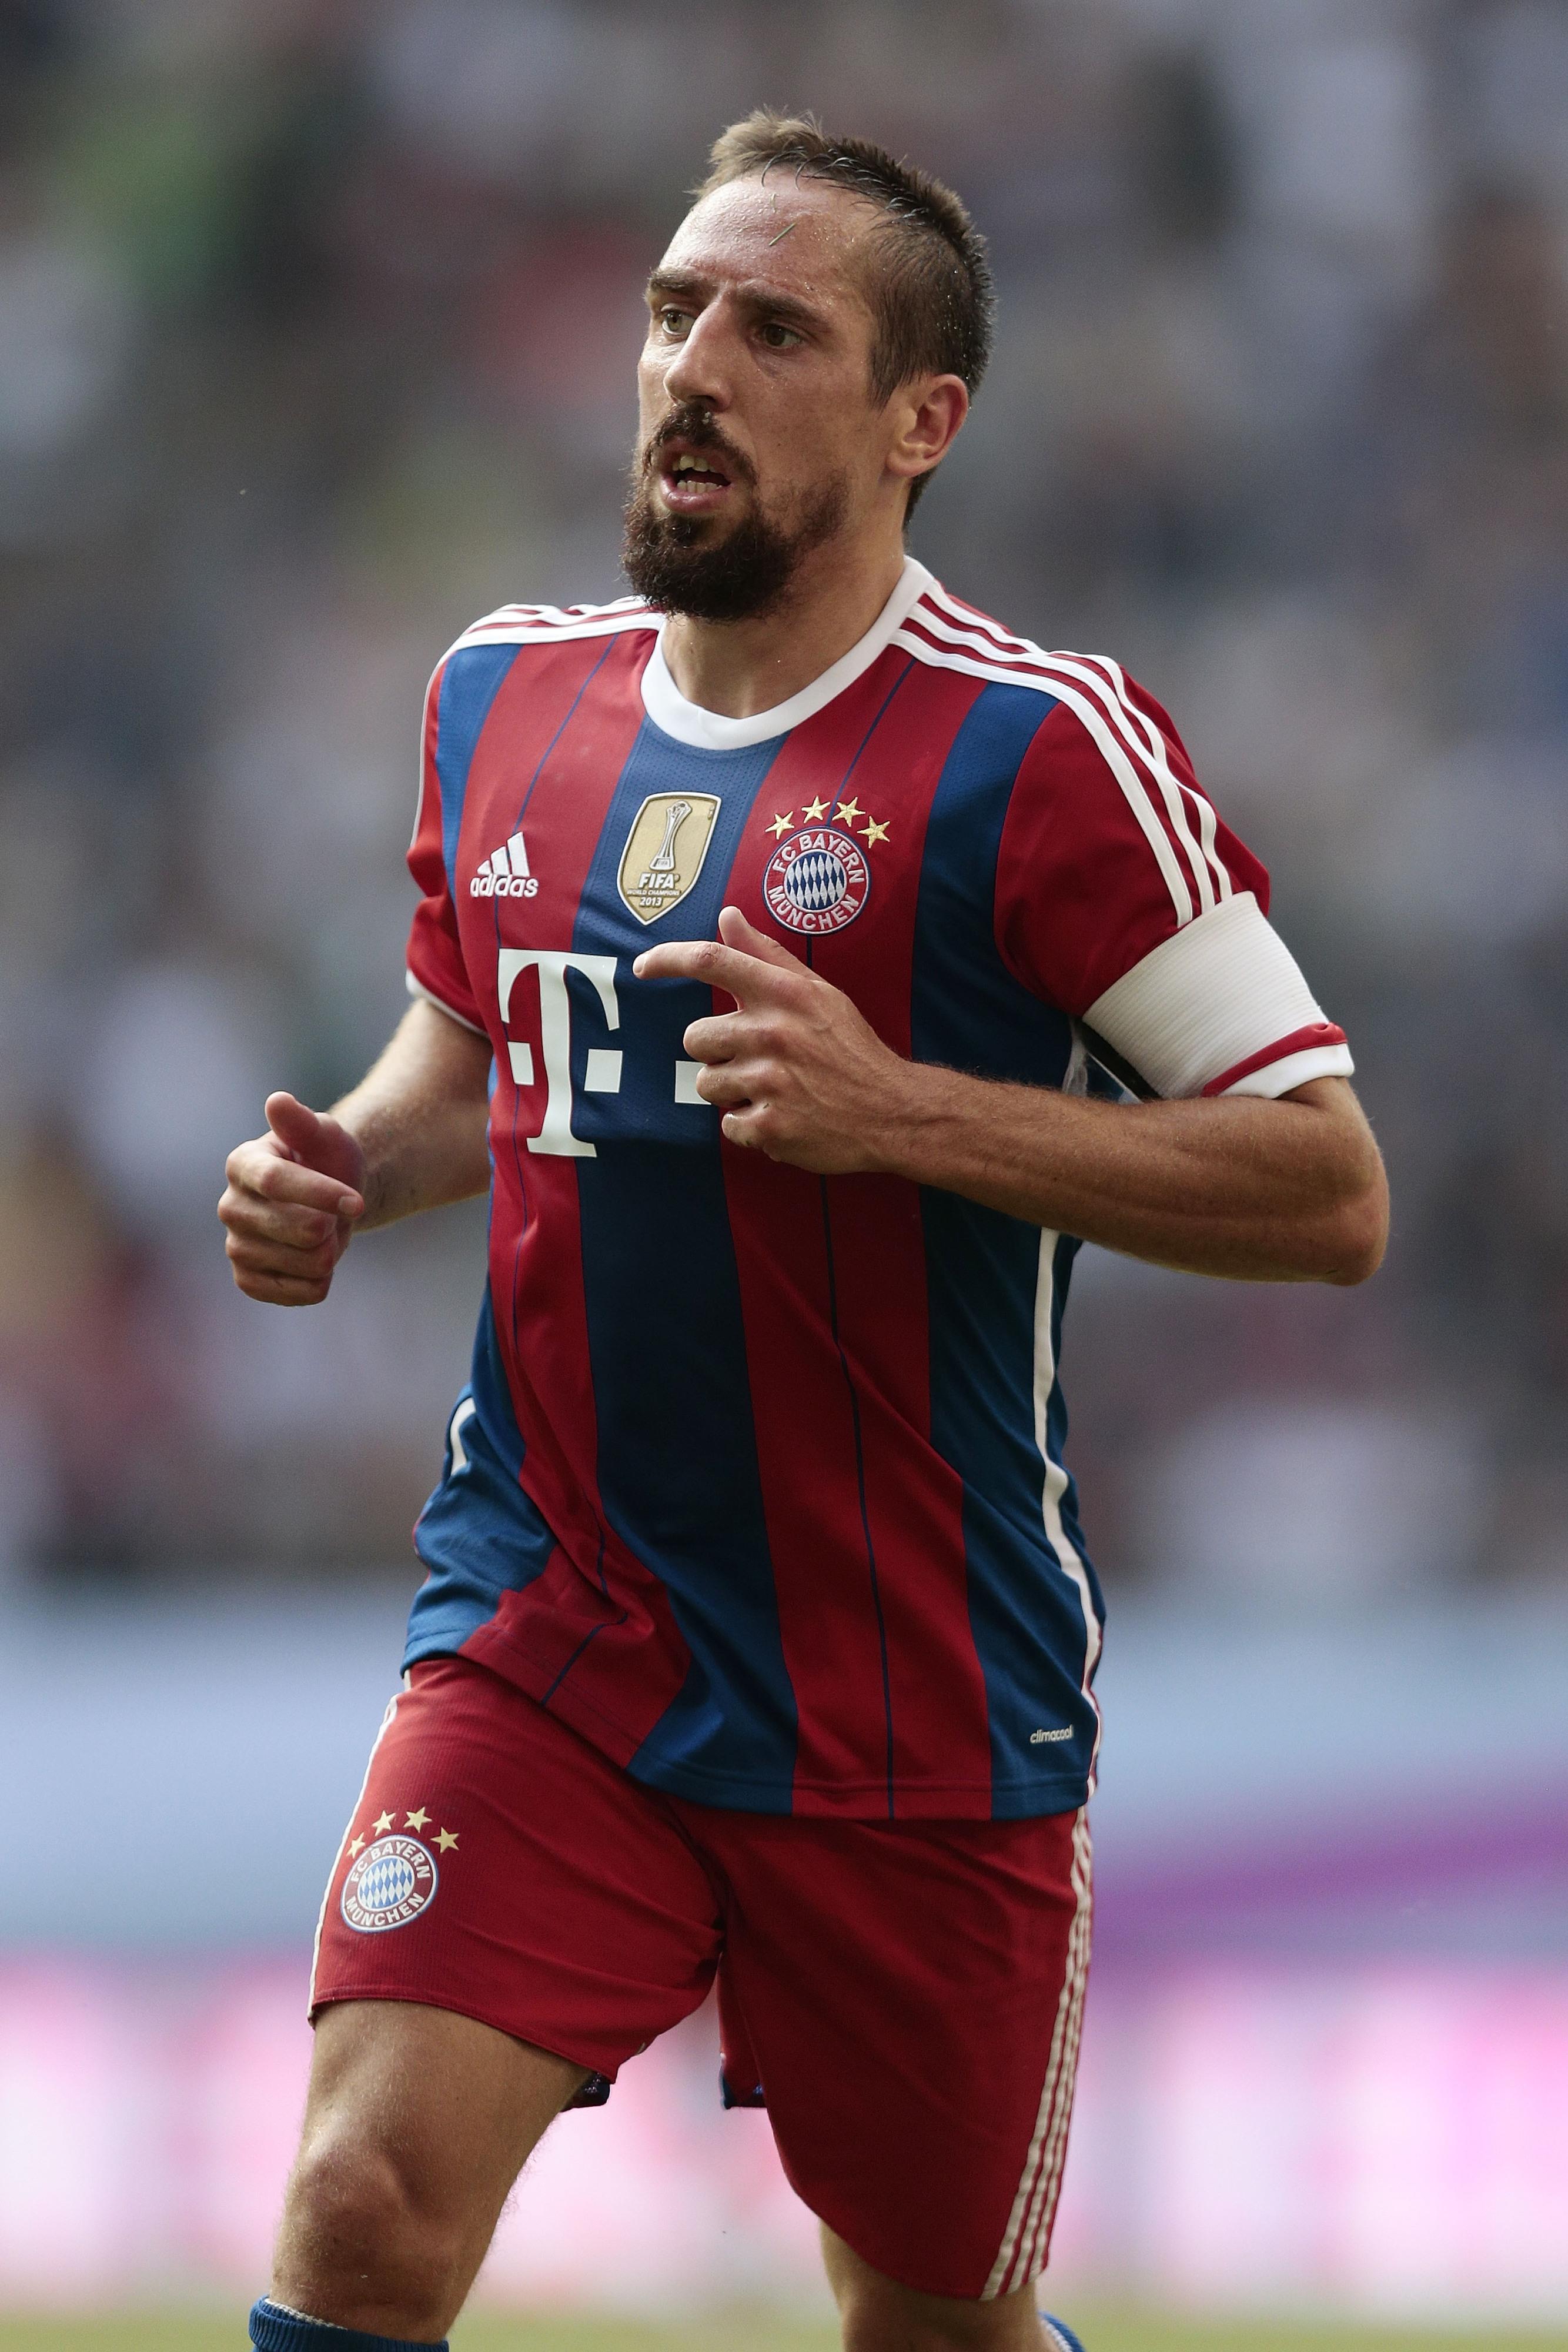 Franck Ribéry retires from international football